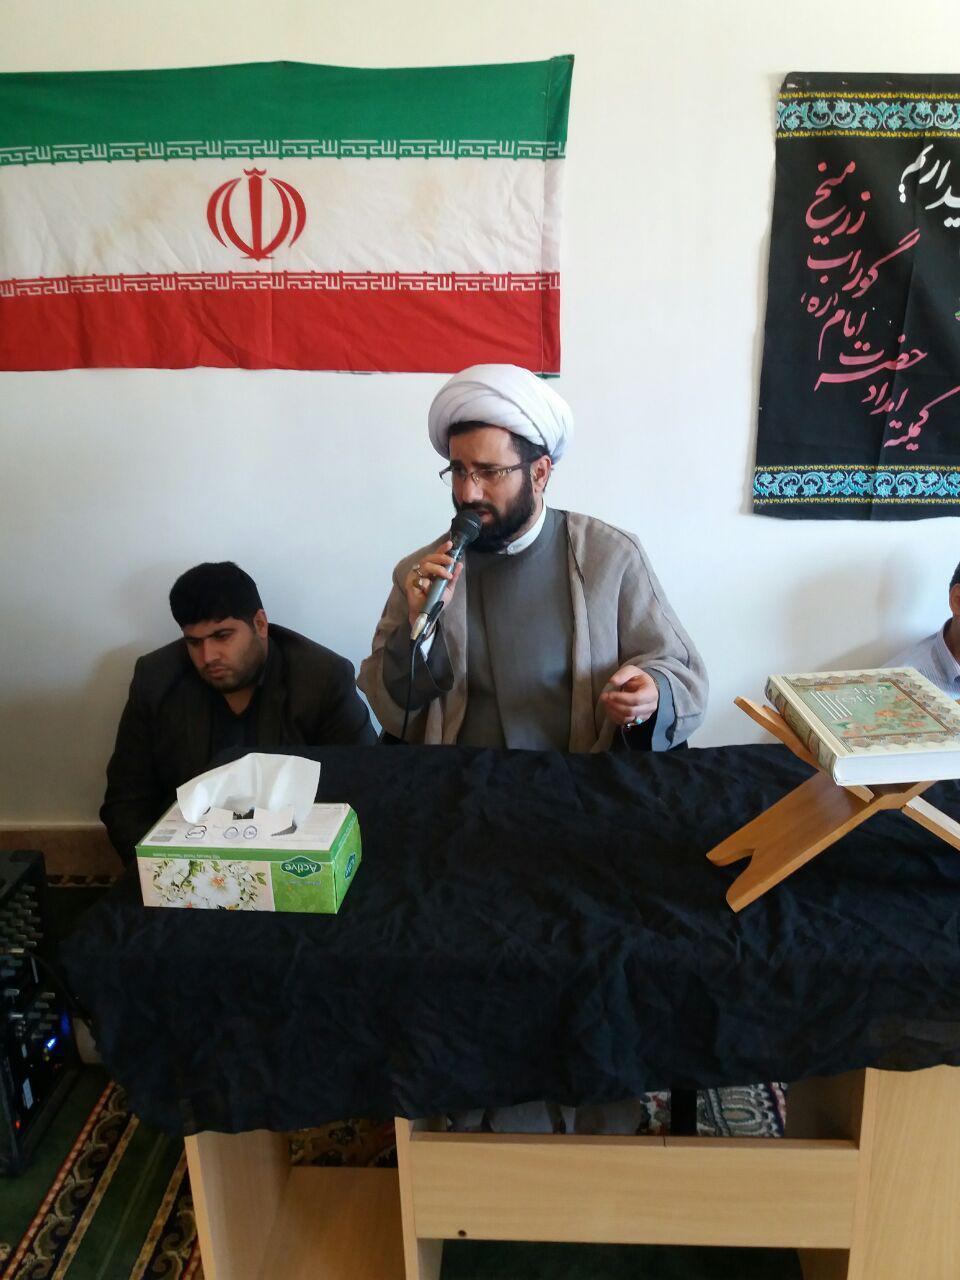 مراسم سالگرد ارتحال امام خمینی (ره) در کمیته امداد گوراب زرمیخ برگزار شد